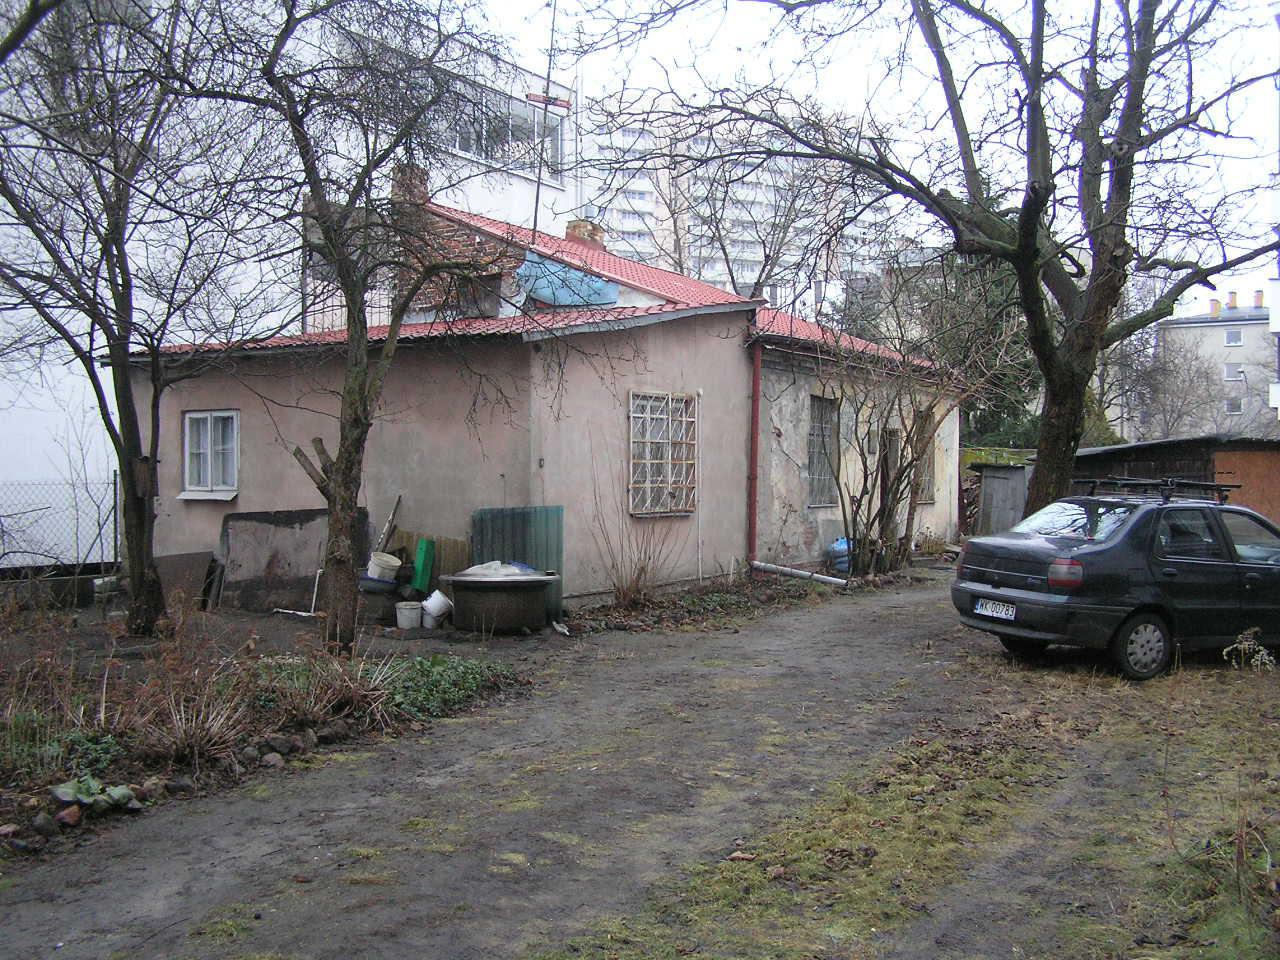 Dom przy ulicy Czapelskiej 28